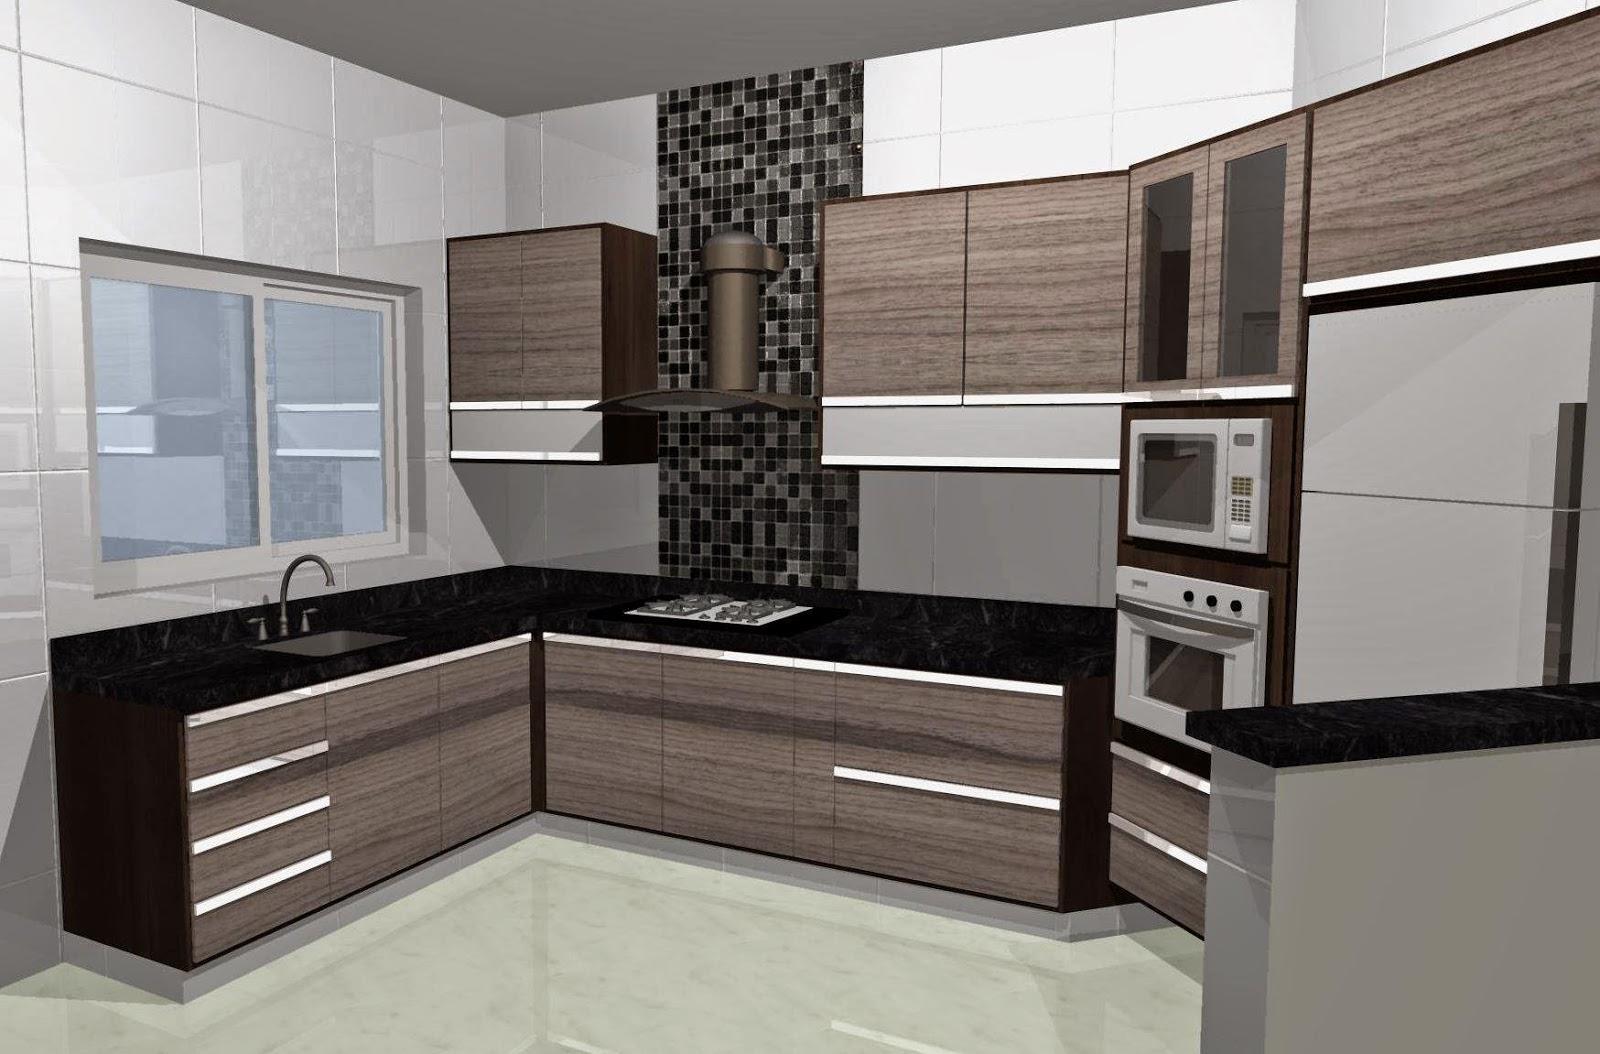 Cozinhas Planejadas Pequenas Em L Cozinha Planejada Em L Cozinhas